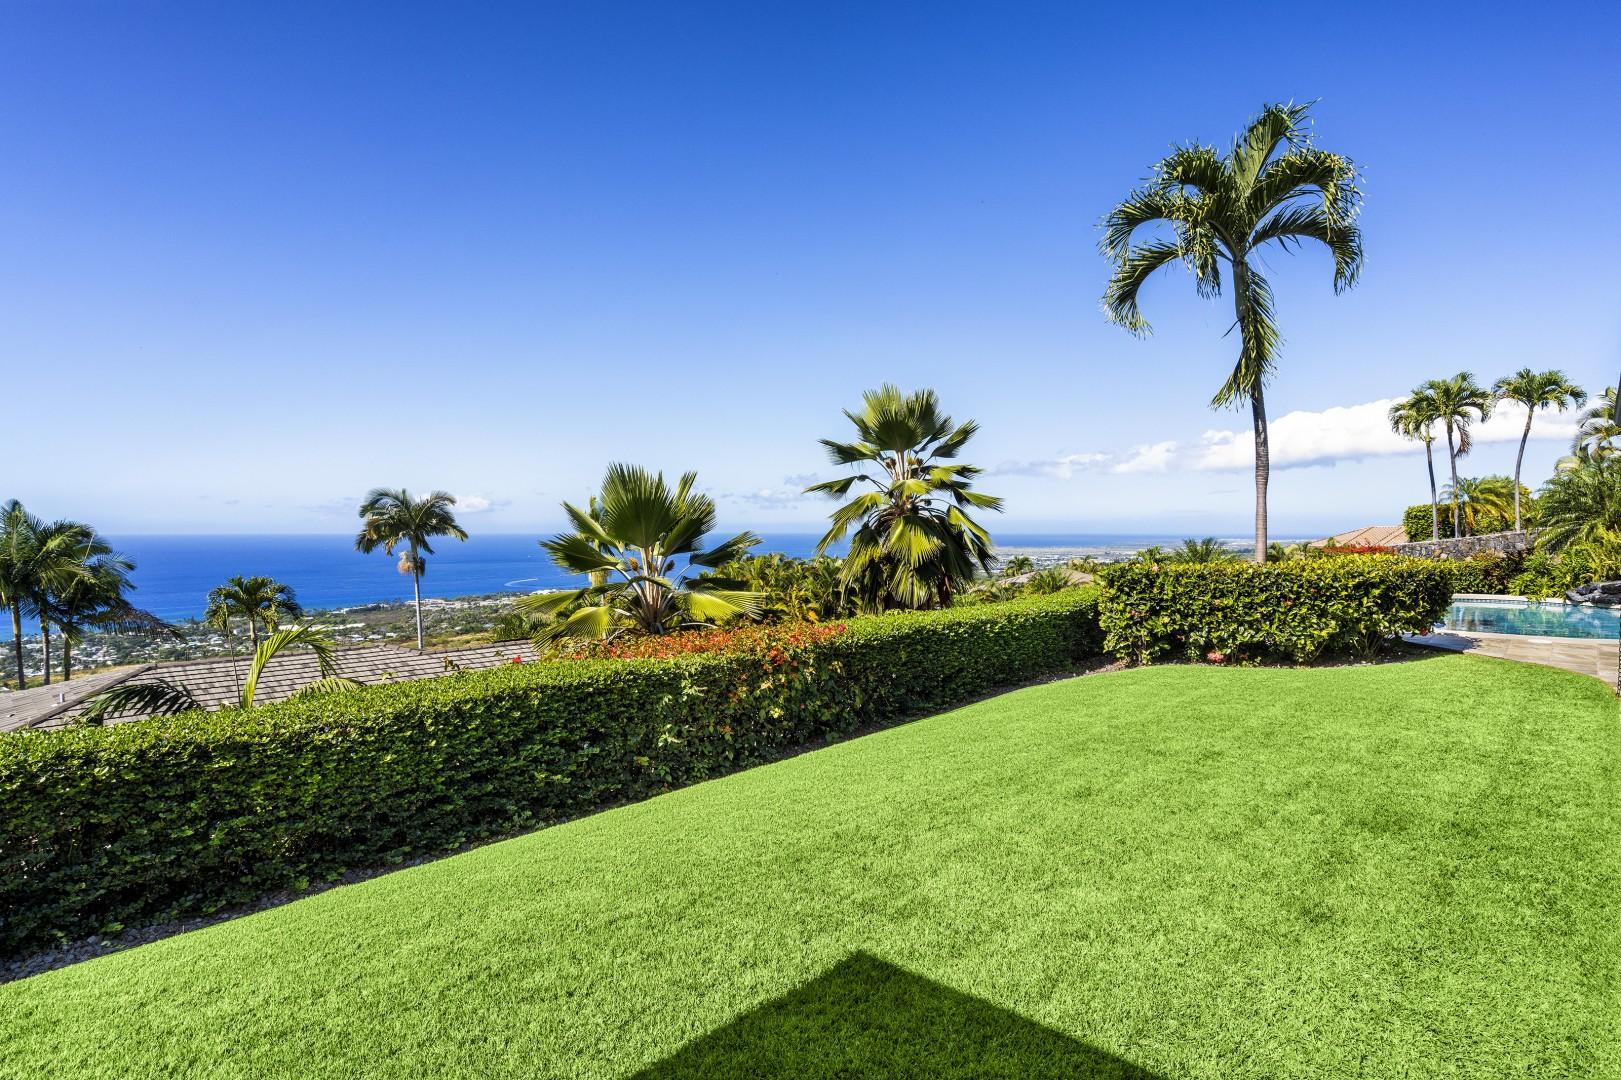 Lush green grass!